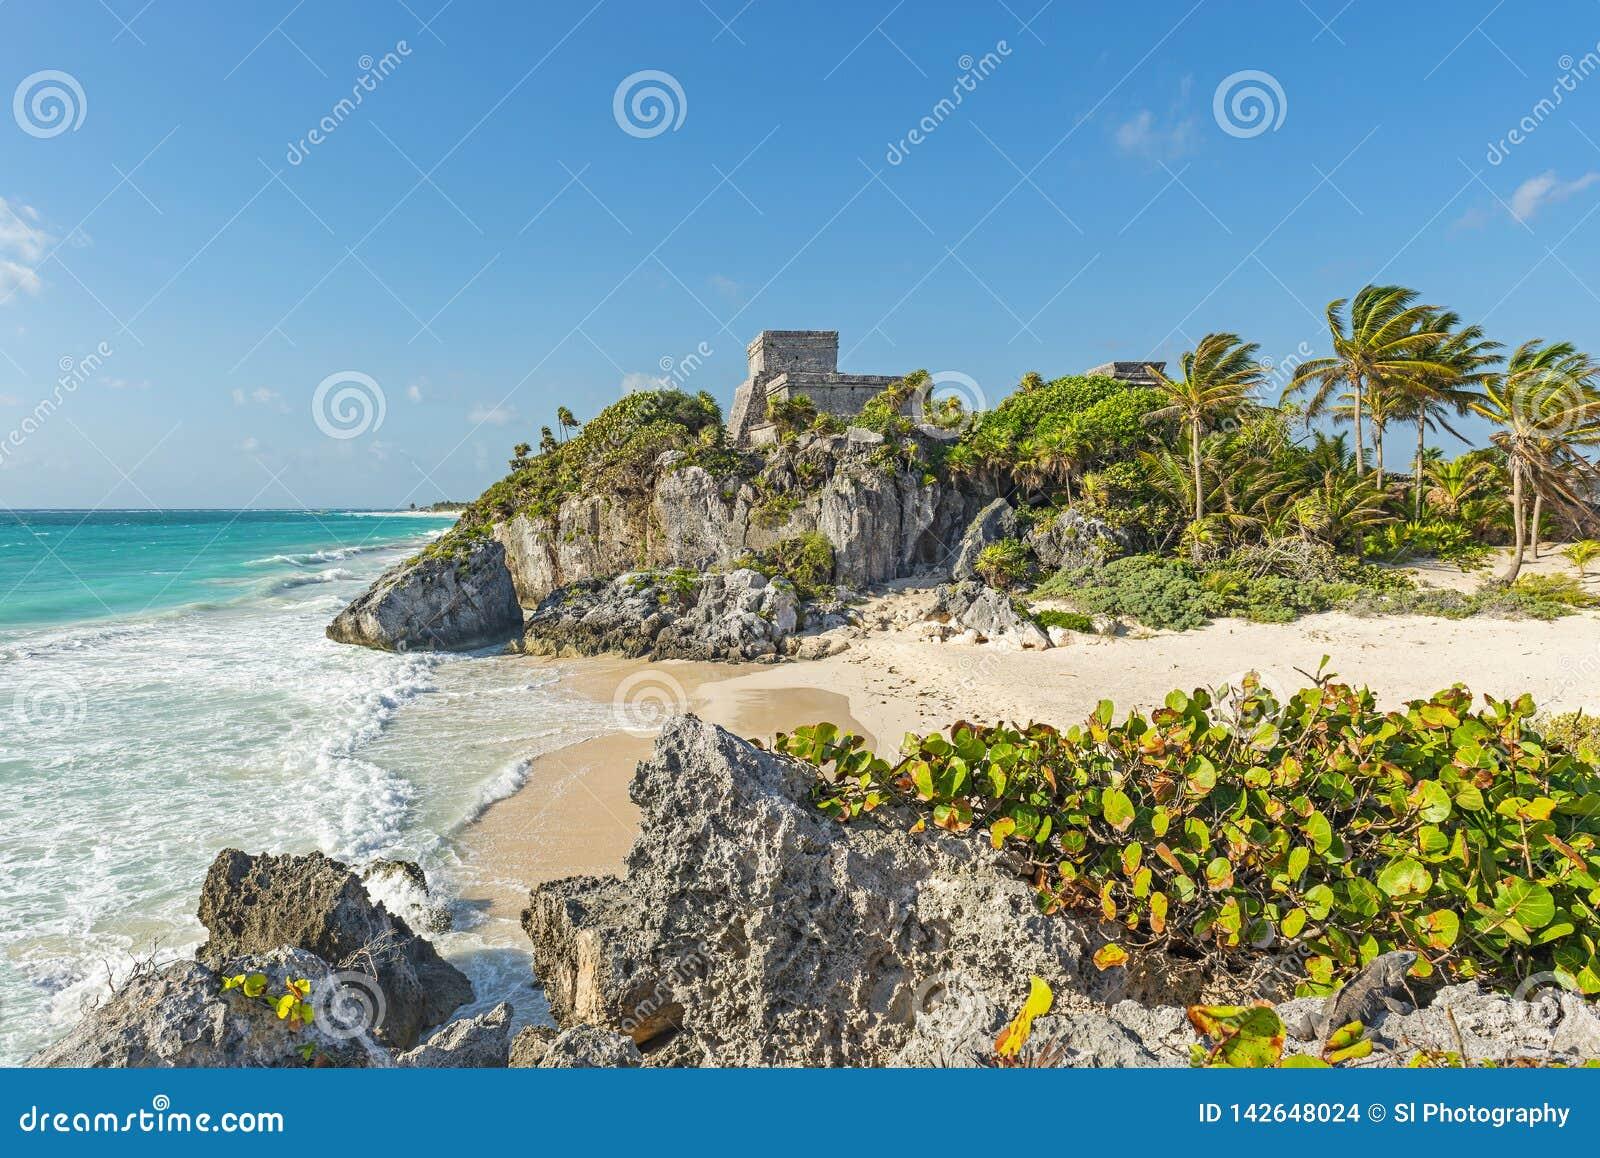 Ruinas mayas de Tulum con la playa idílica, México